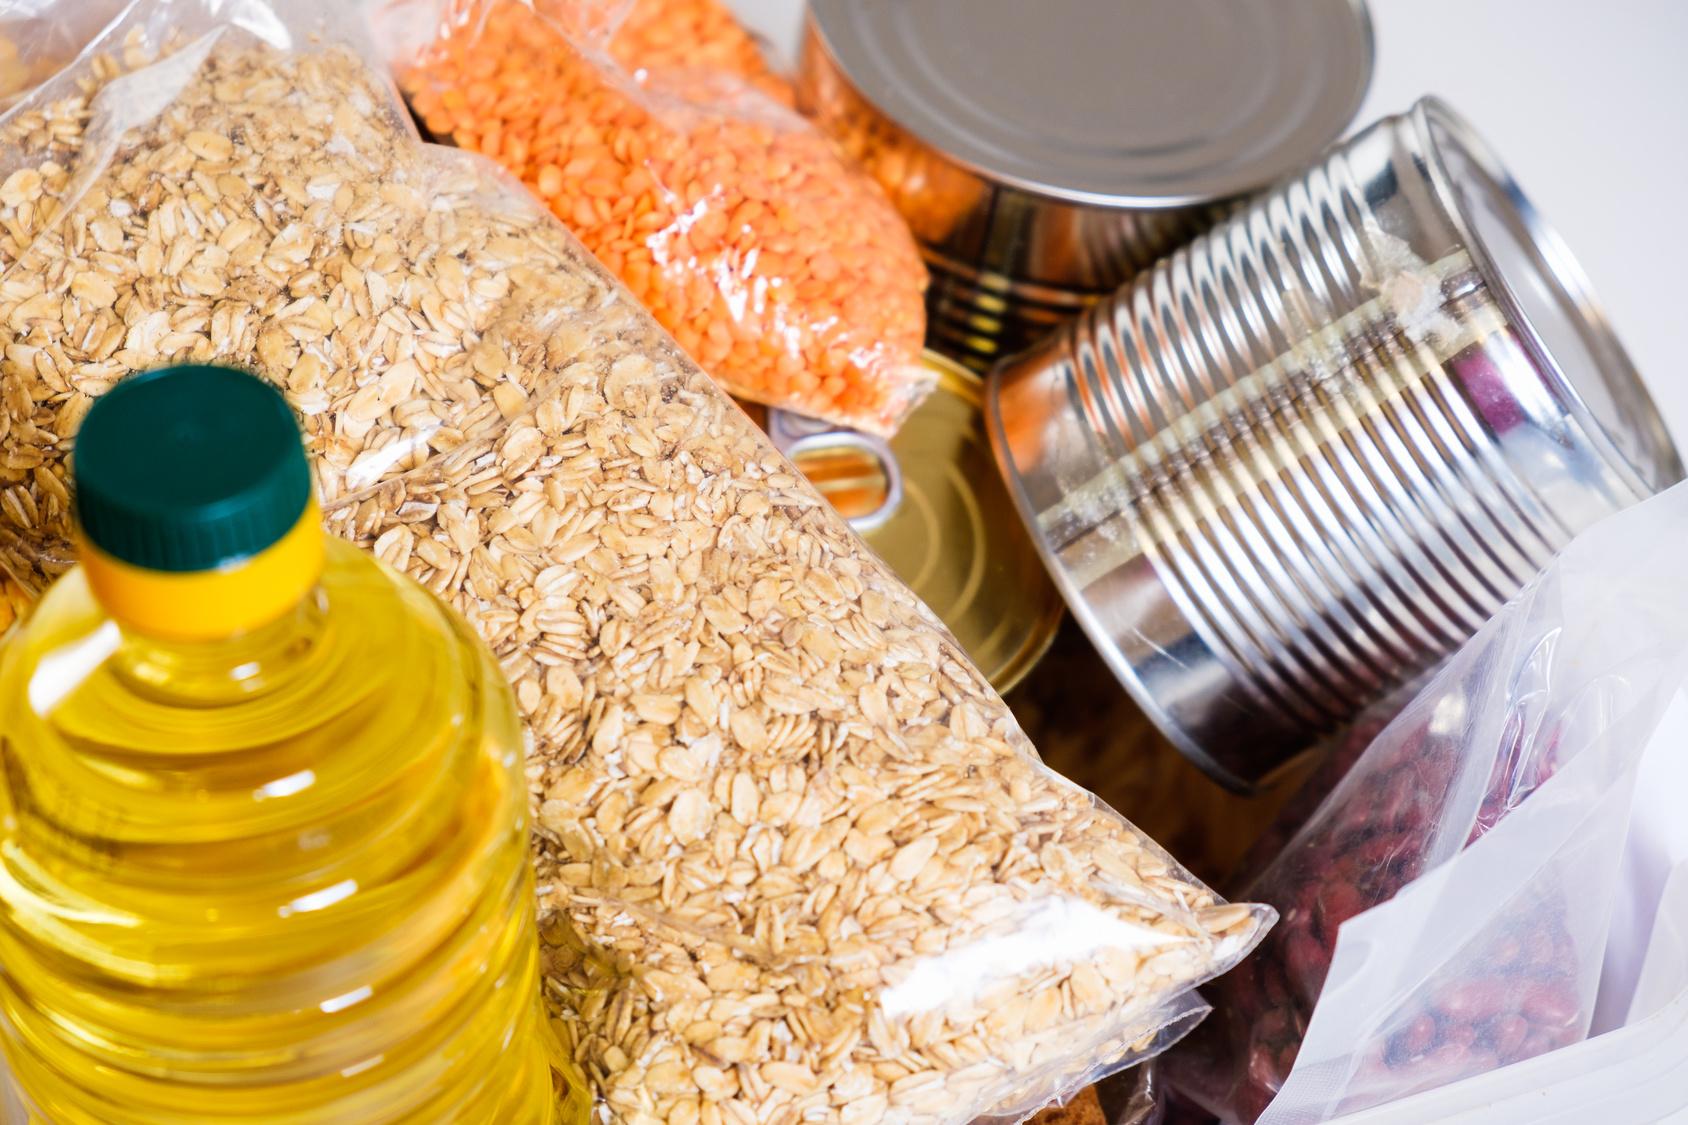 zbiórka żywności żywność - fotolia